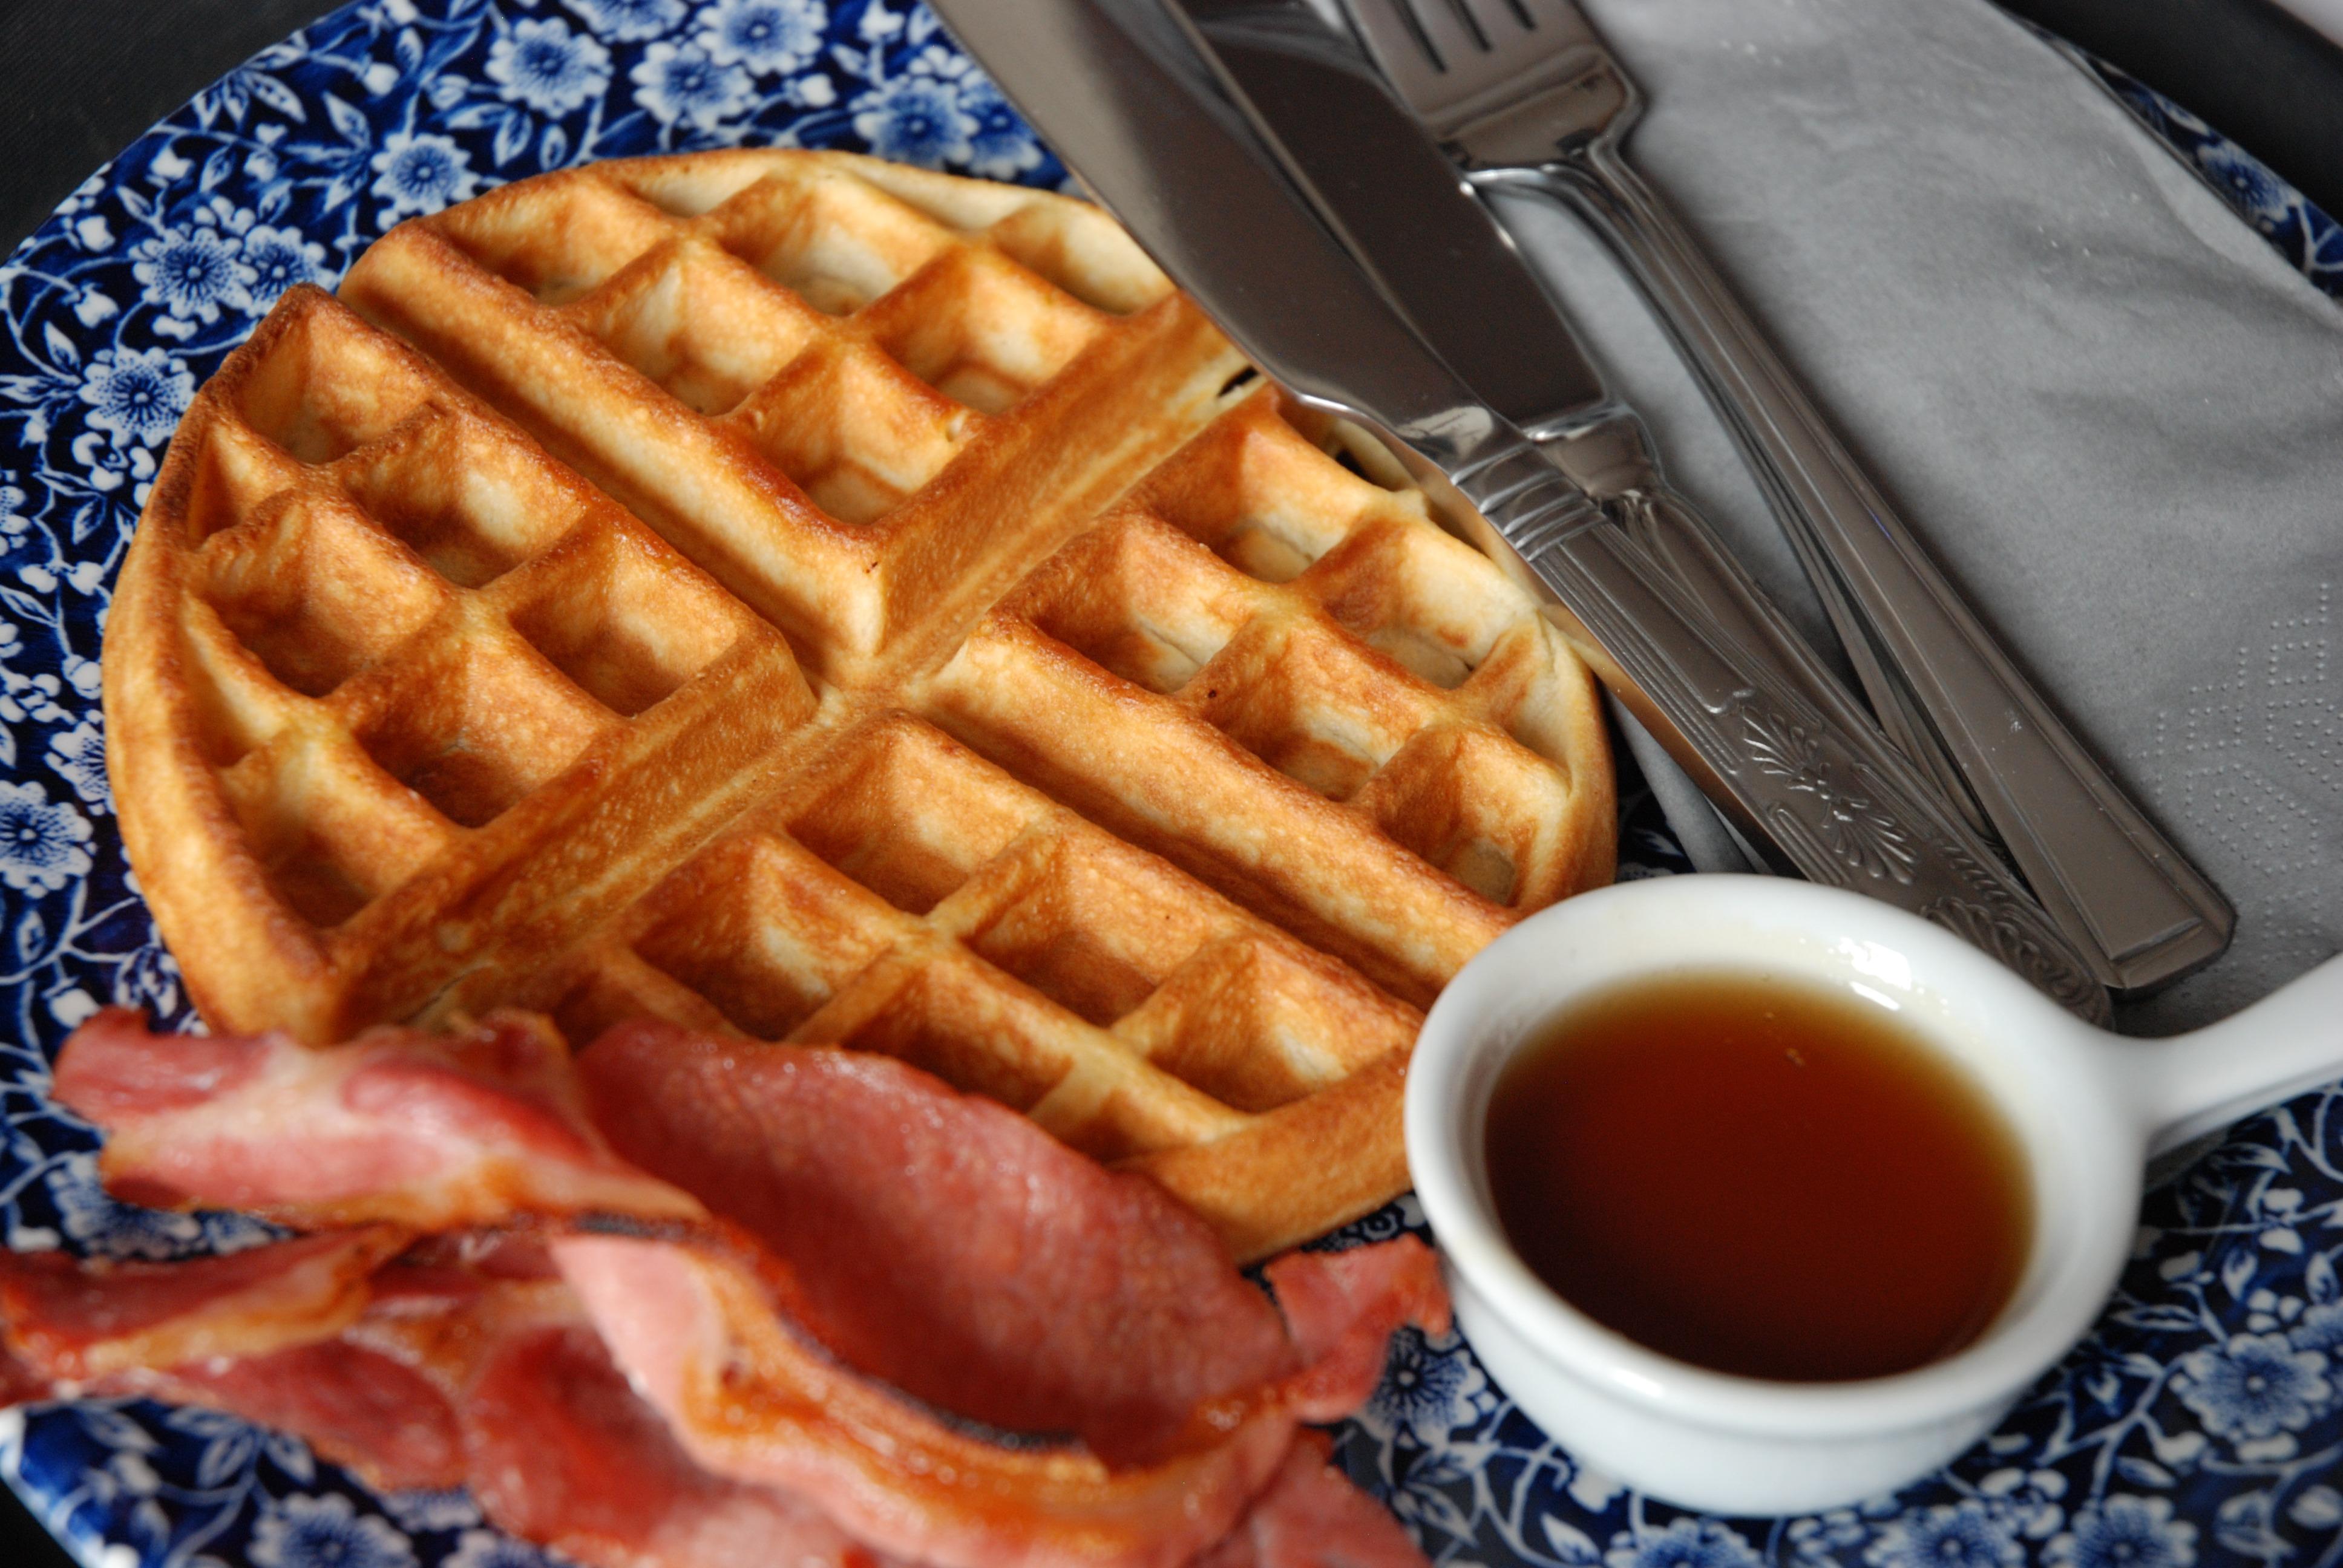 qbic breakfast